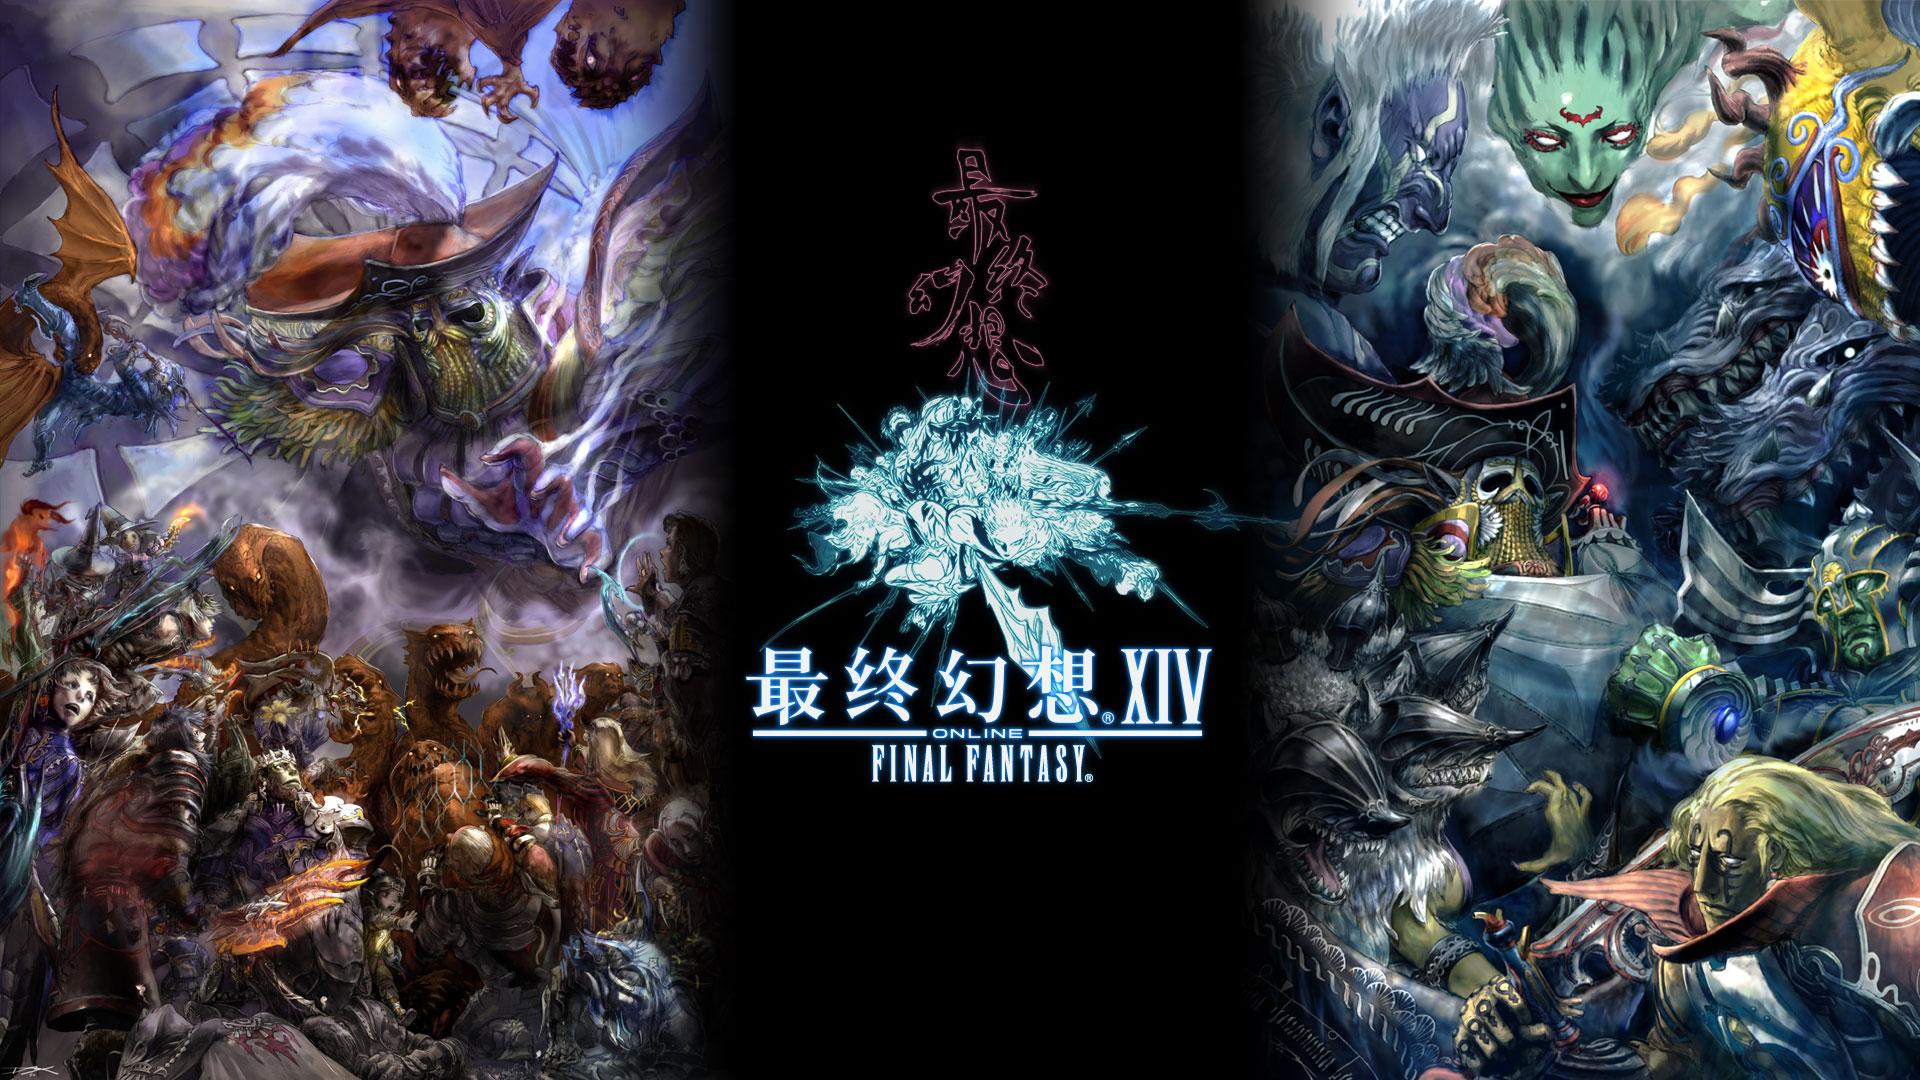 最终幻想14 高清壁纸 新增下载地址,沃特碧们的colg,dnf地下